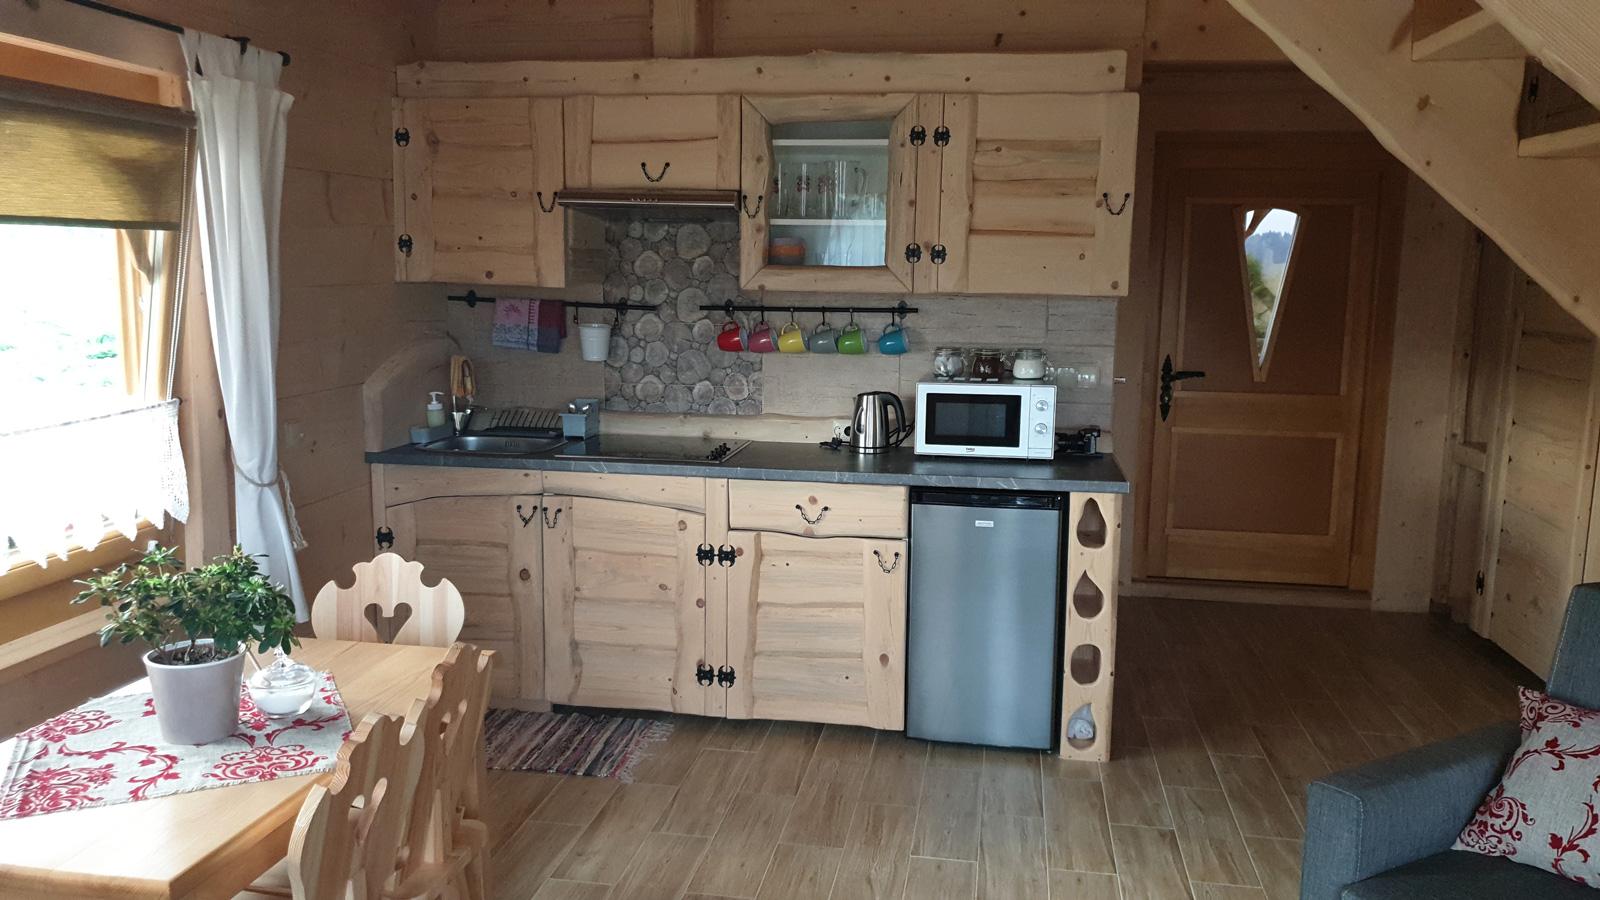 domek tatry kuchnia